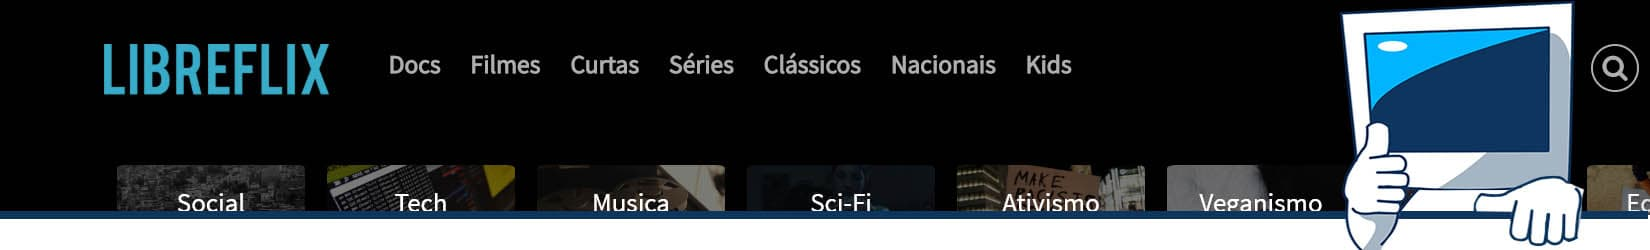 opciones a netflix